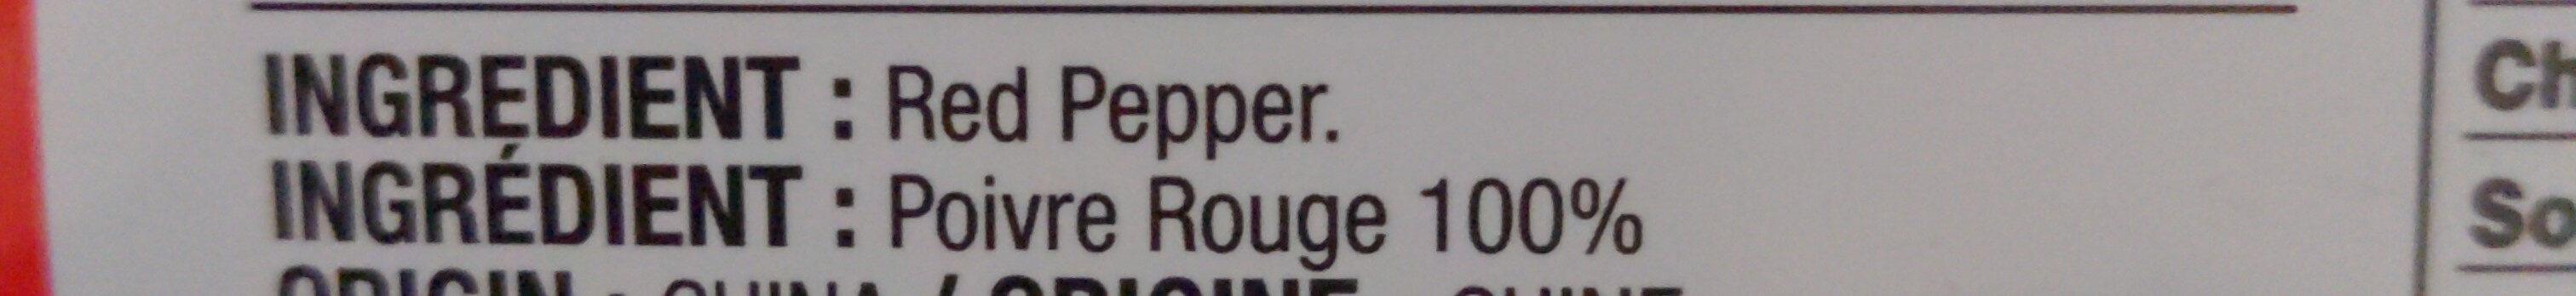 Taekyung Red Pepper Powder - Ingredients - en